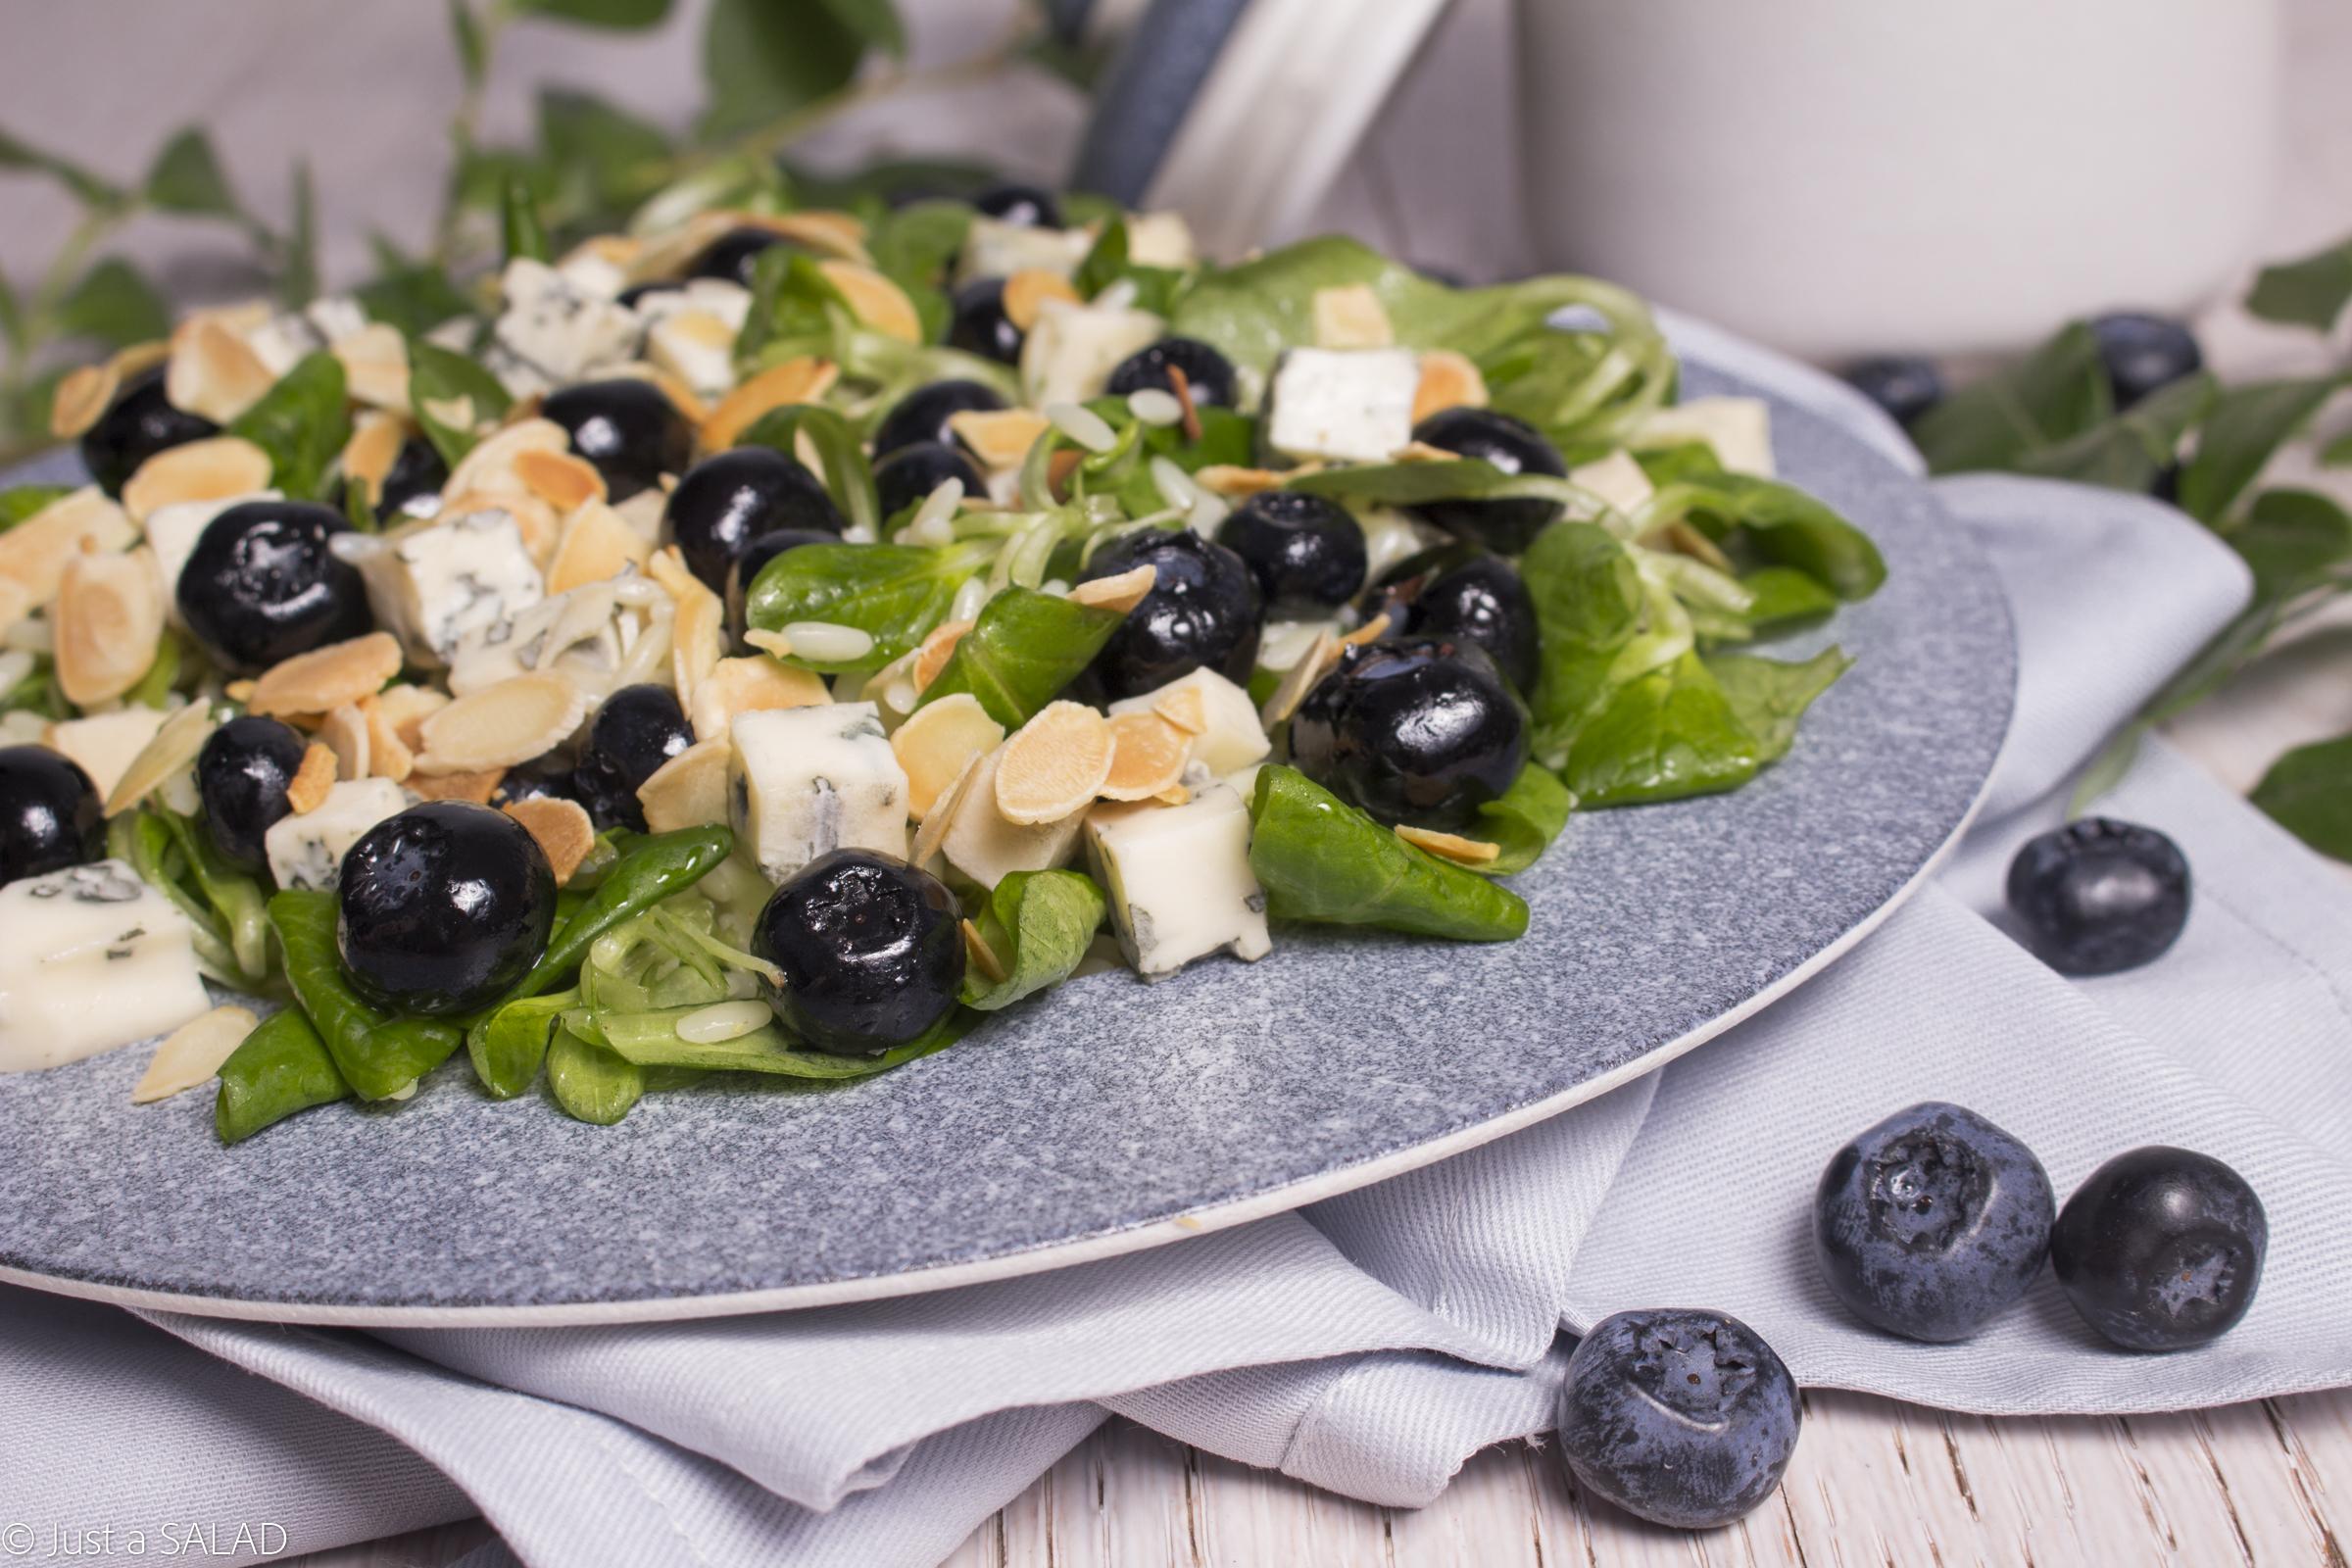 Sałatka z borówkami, serem z niebieską pleśnią, płatkami migdałowymi, makaronem i roszponką.